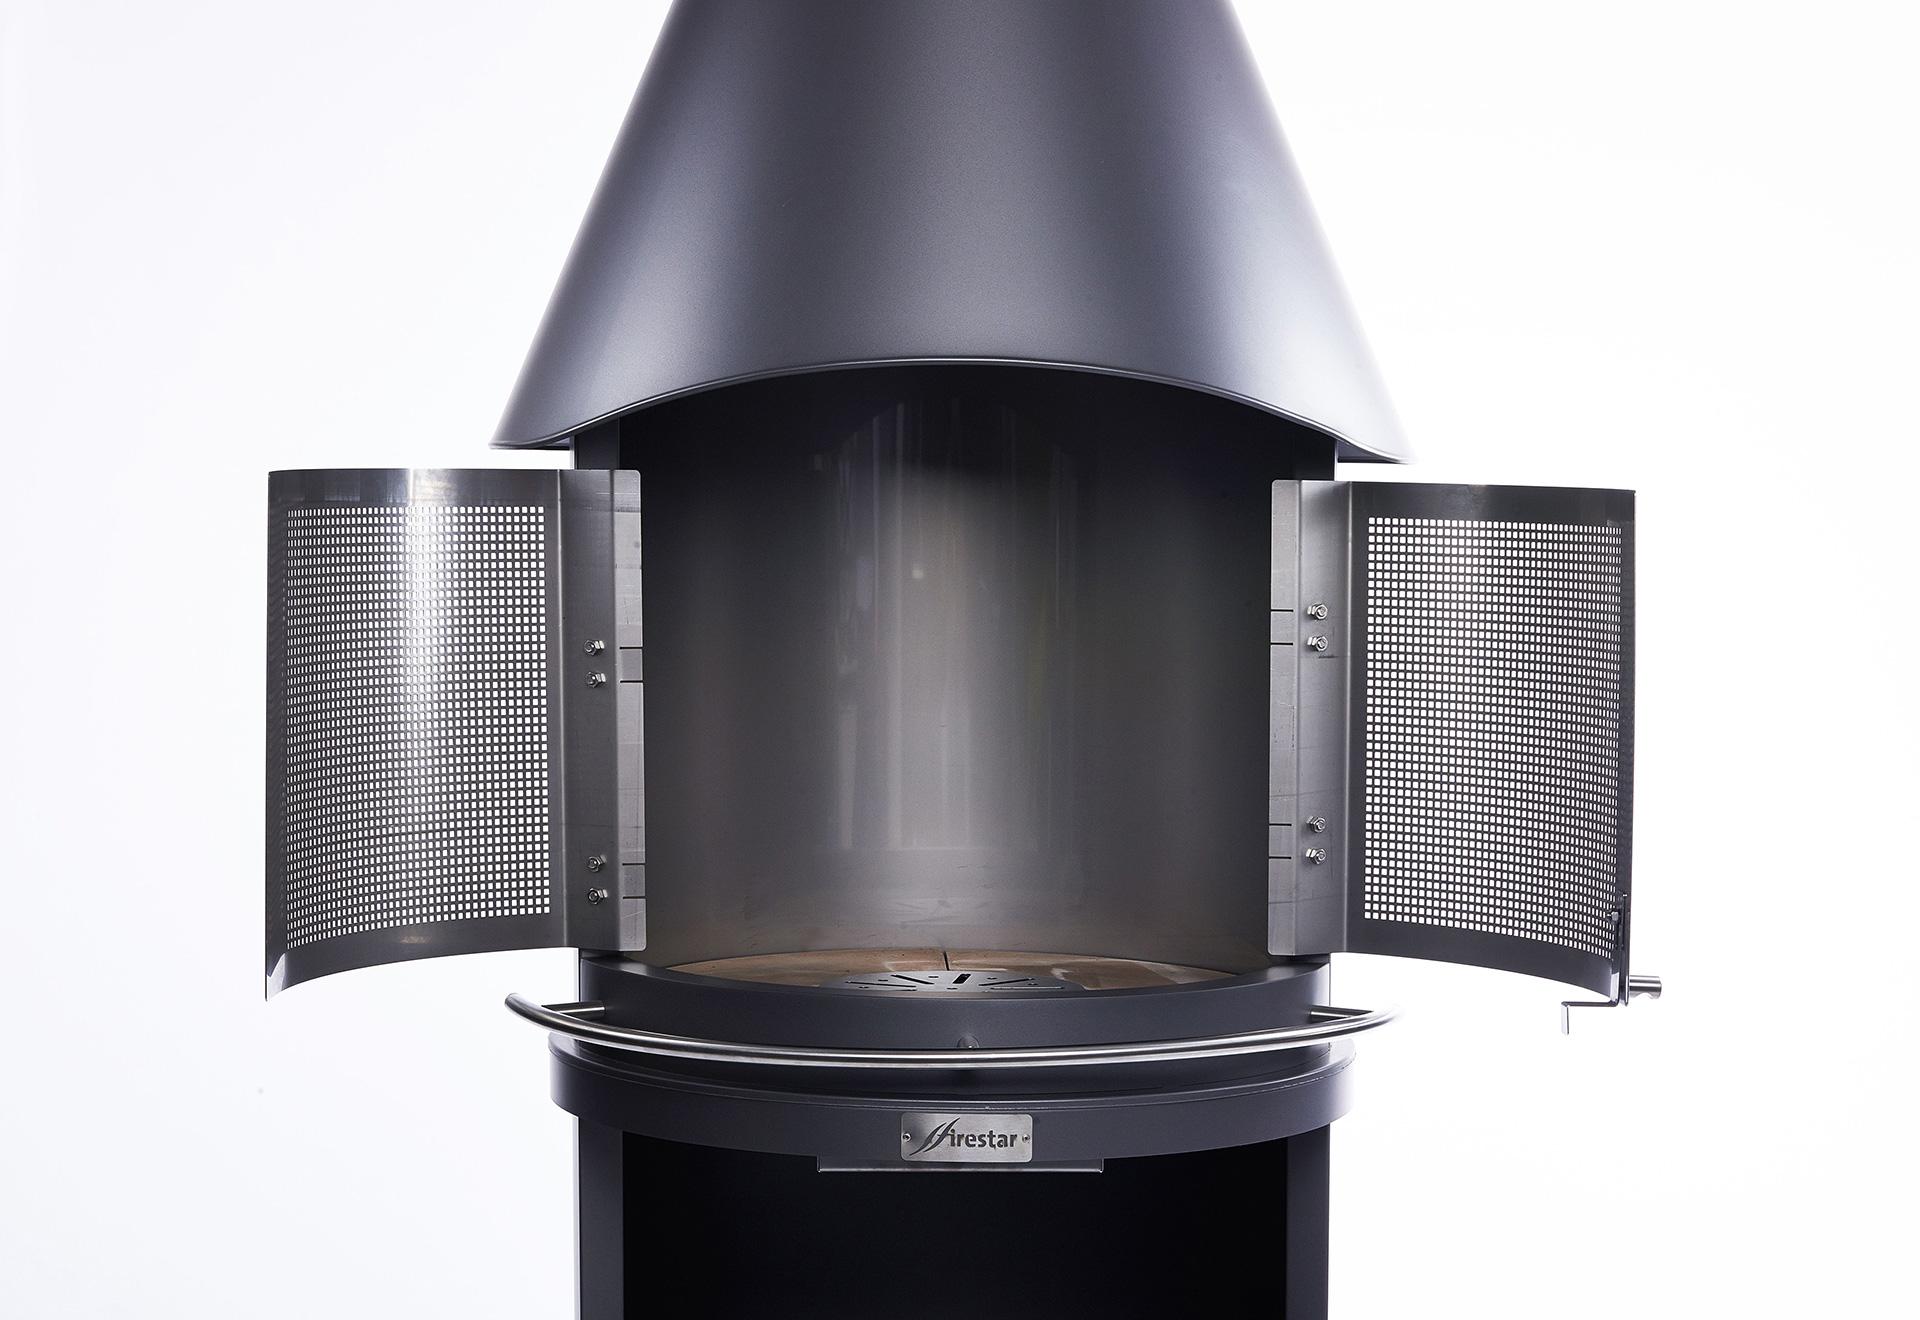 Zubehör Firestar-Gartenkamine - Funkenschutztür 2-teilig für DN 700 und DN 800